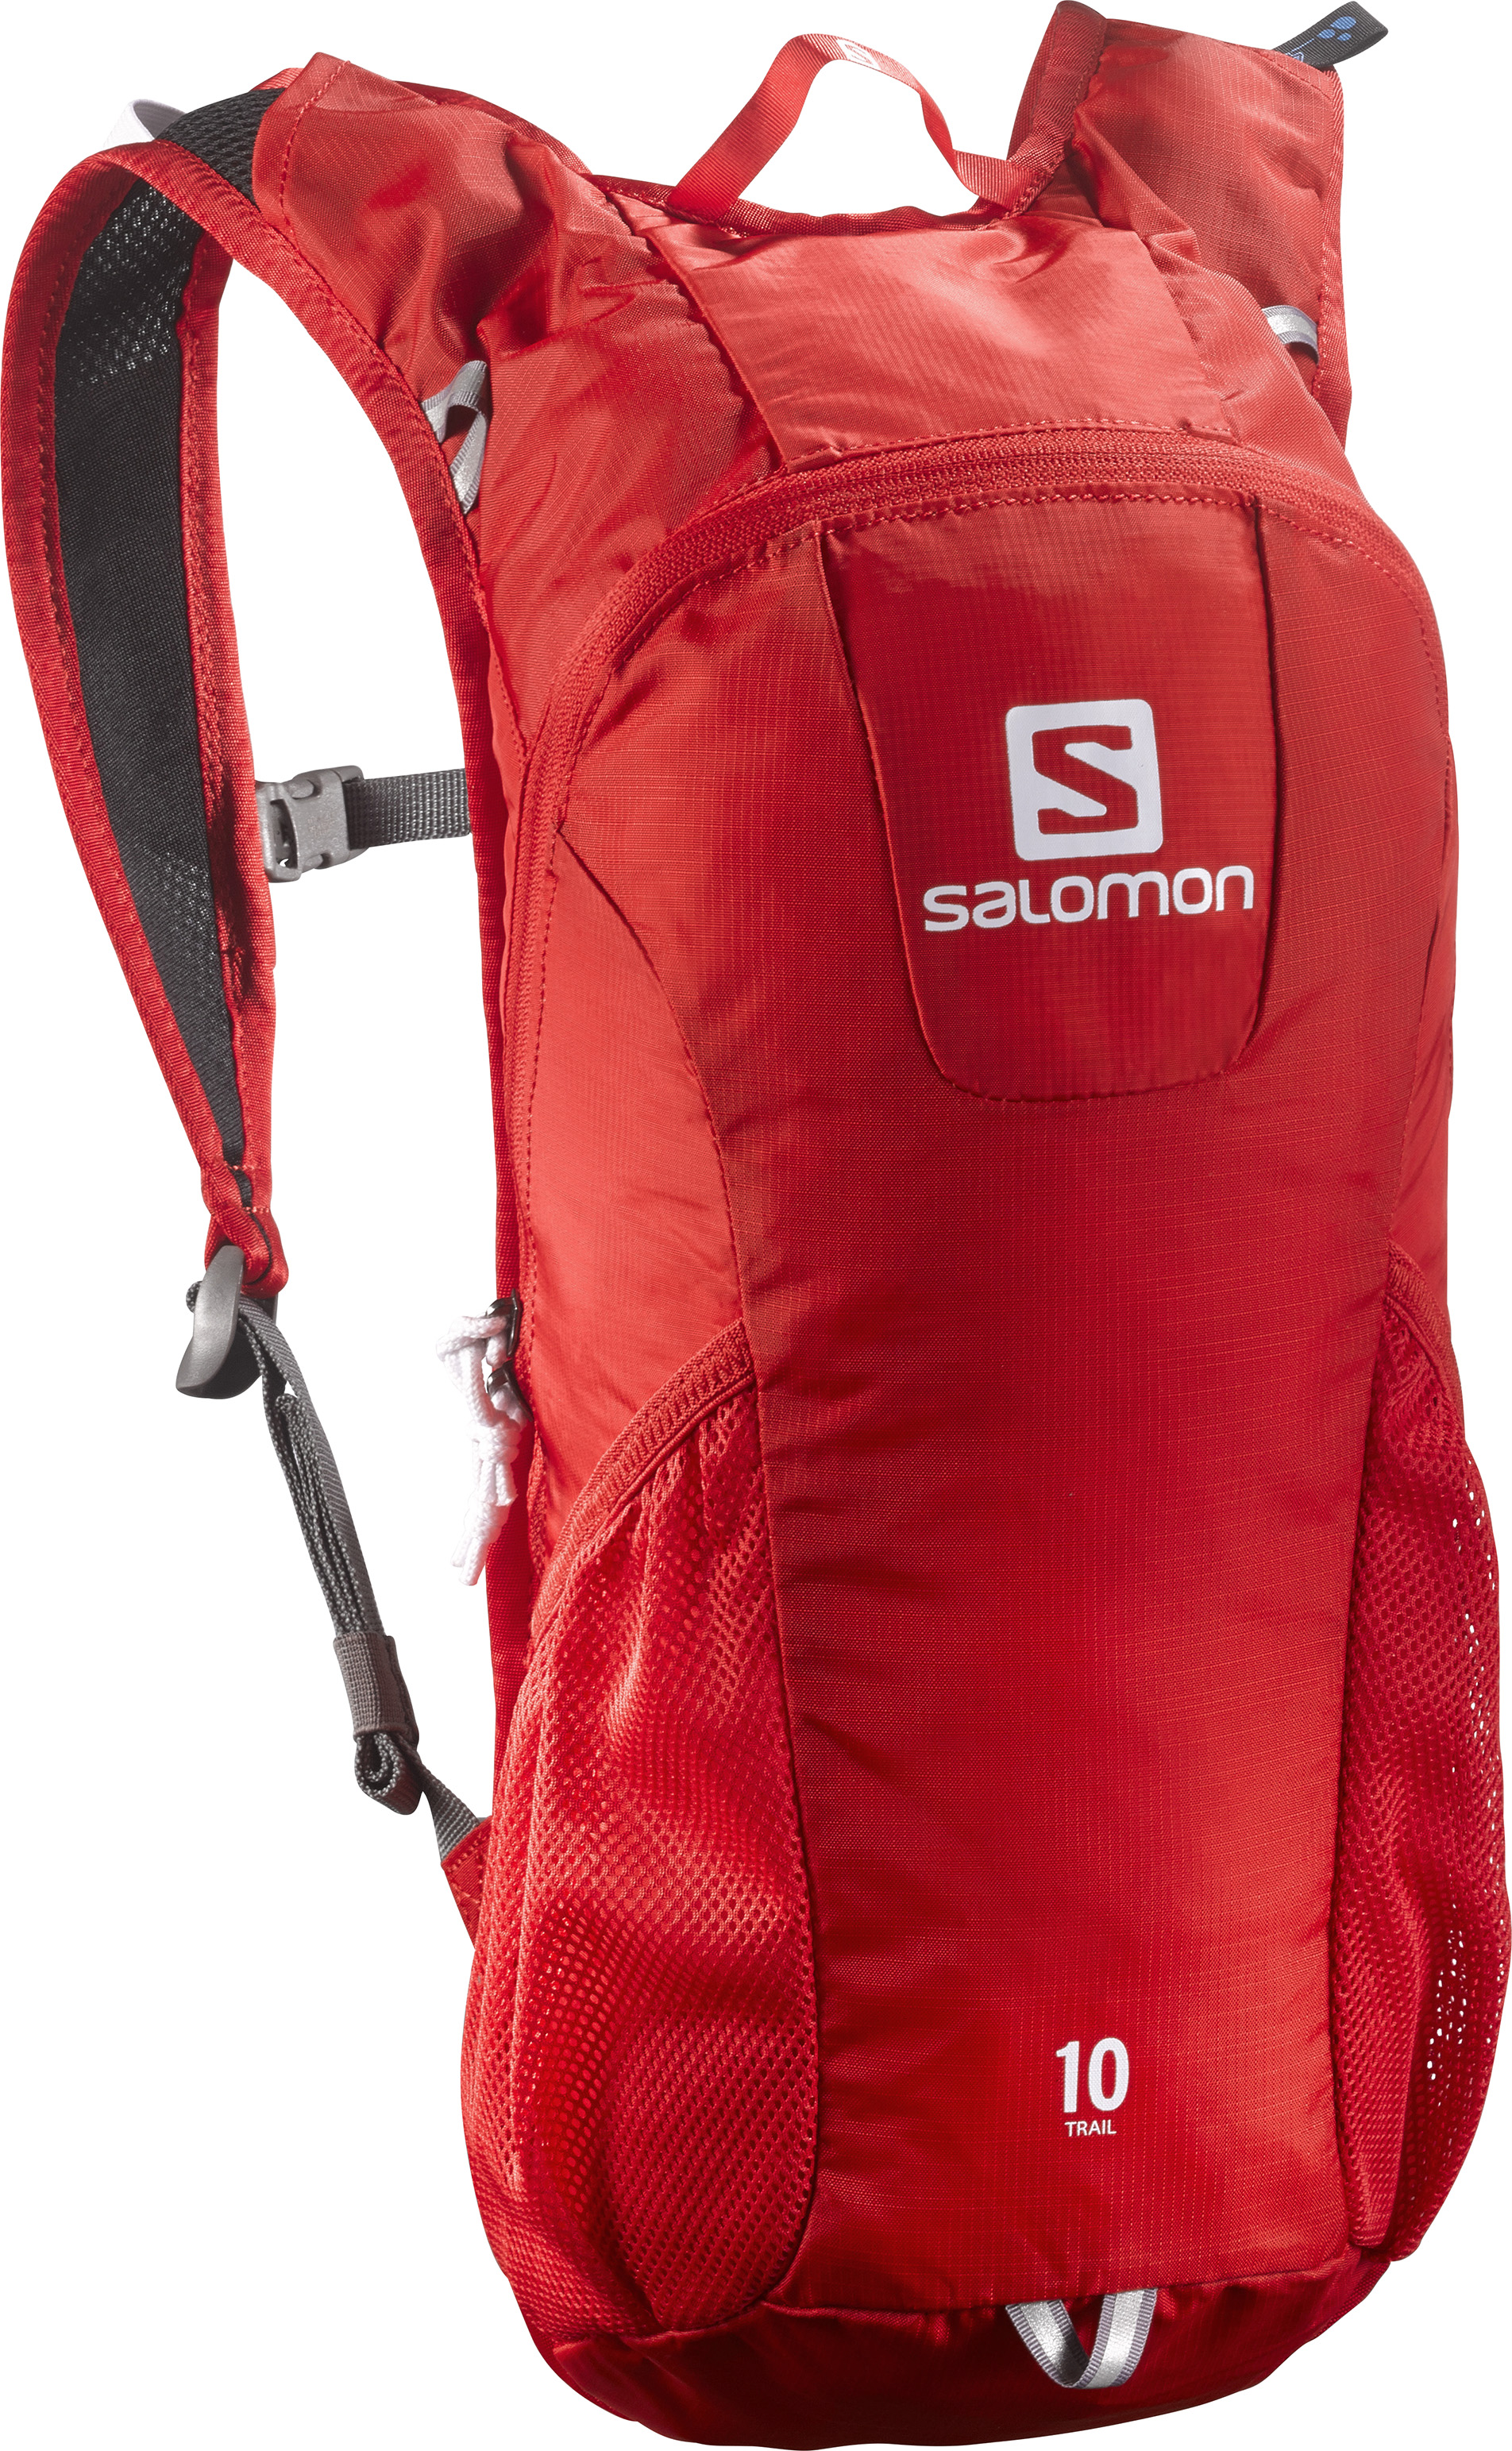 Salomon Trail 10 Bright Red/White 379975 červená